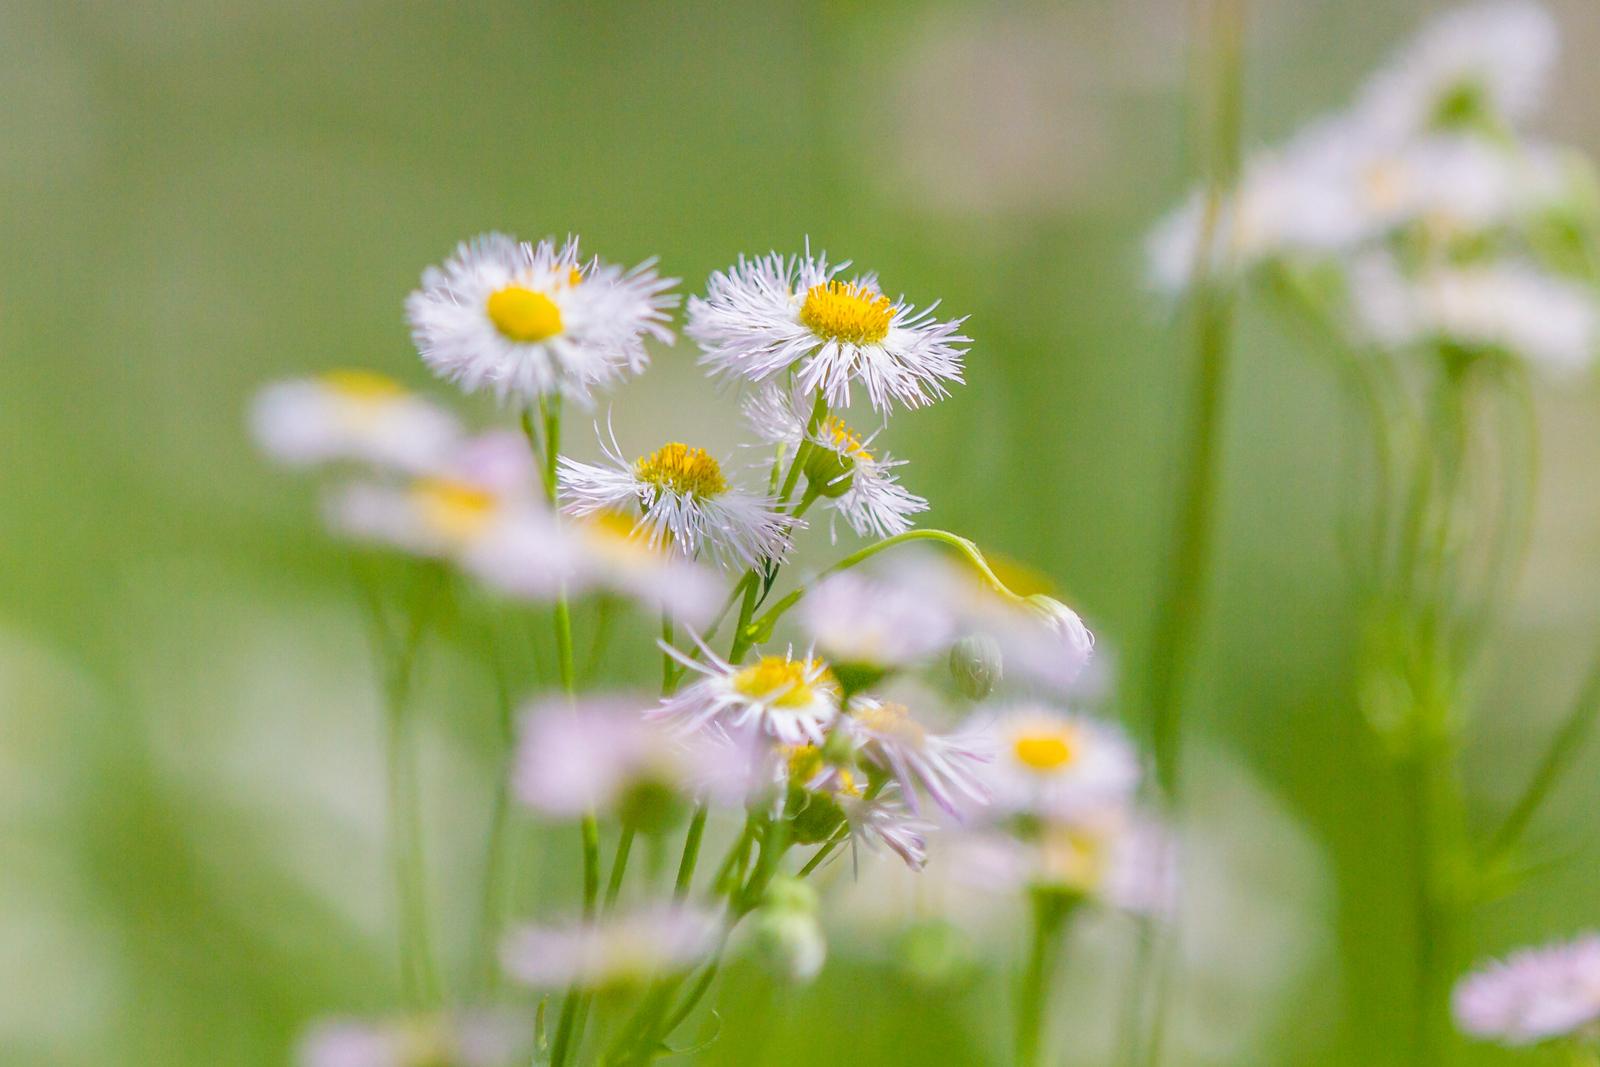 镜头里的路边小花